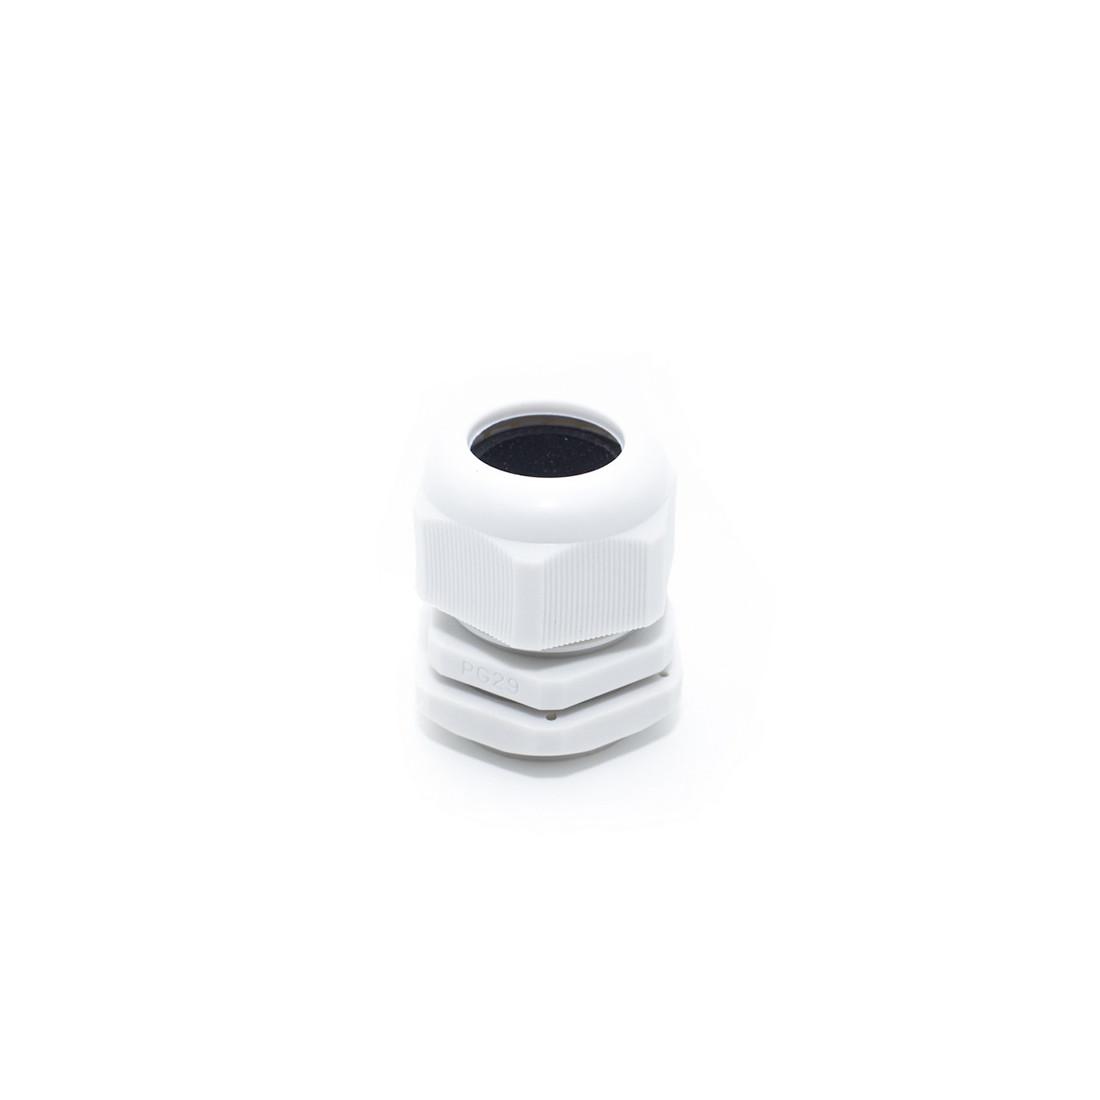 Фитинг для защиты проводов Deluxe PG 21 (13~18 мм)